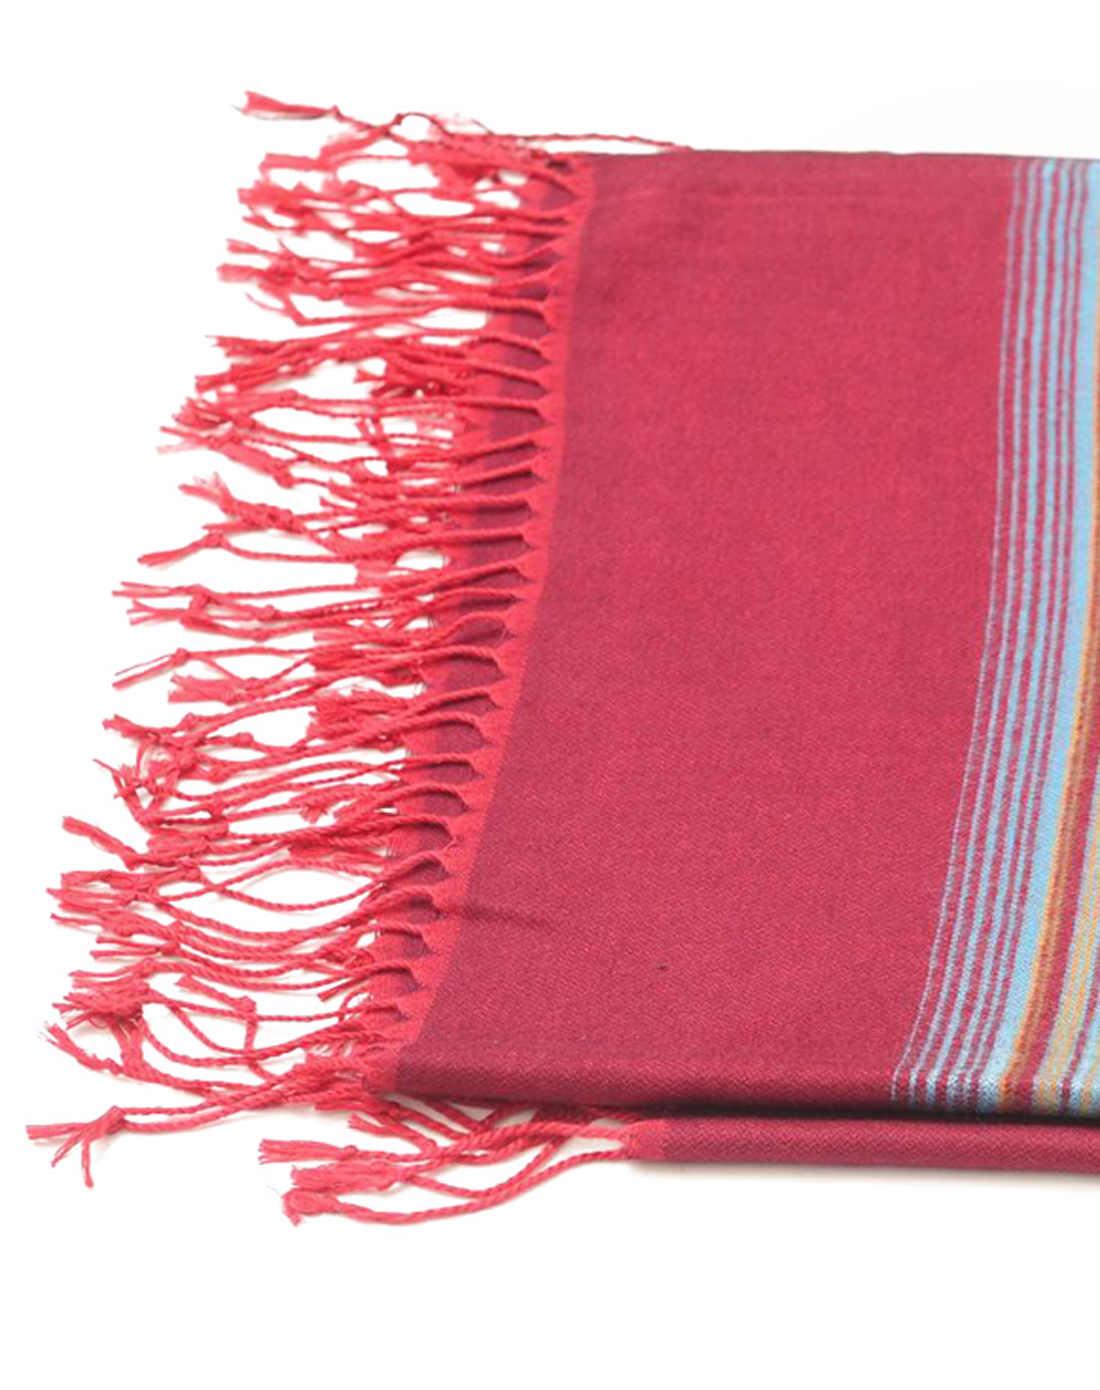 慕黛希尔配件专场女款彩色条纹红色流须围巾061384